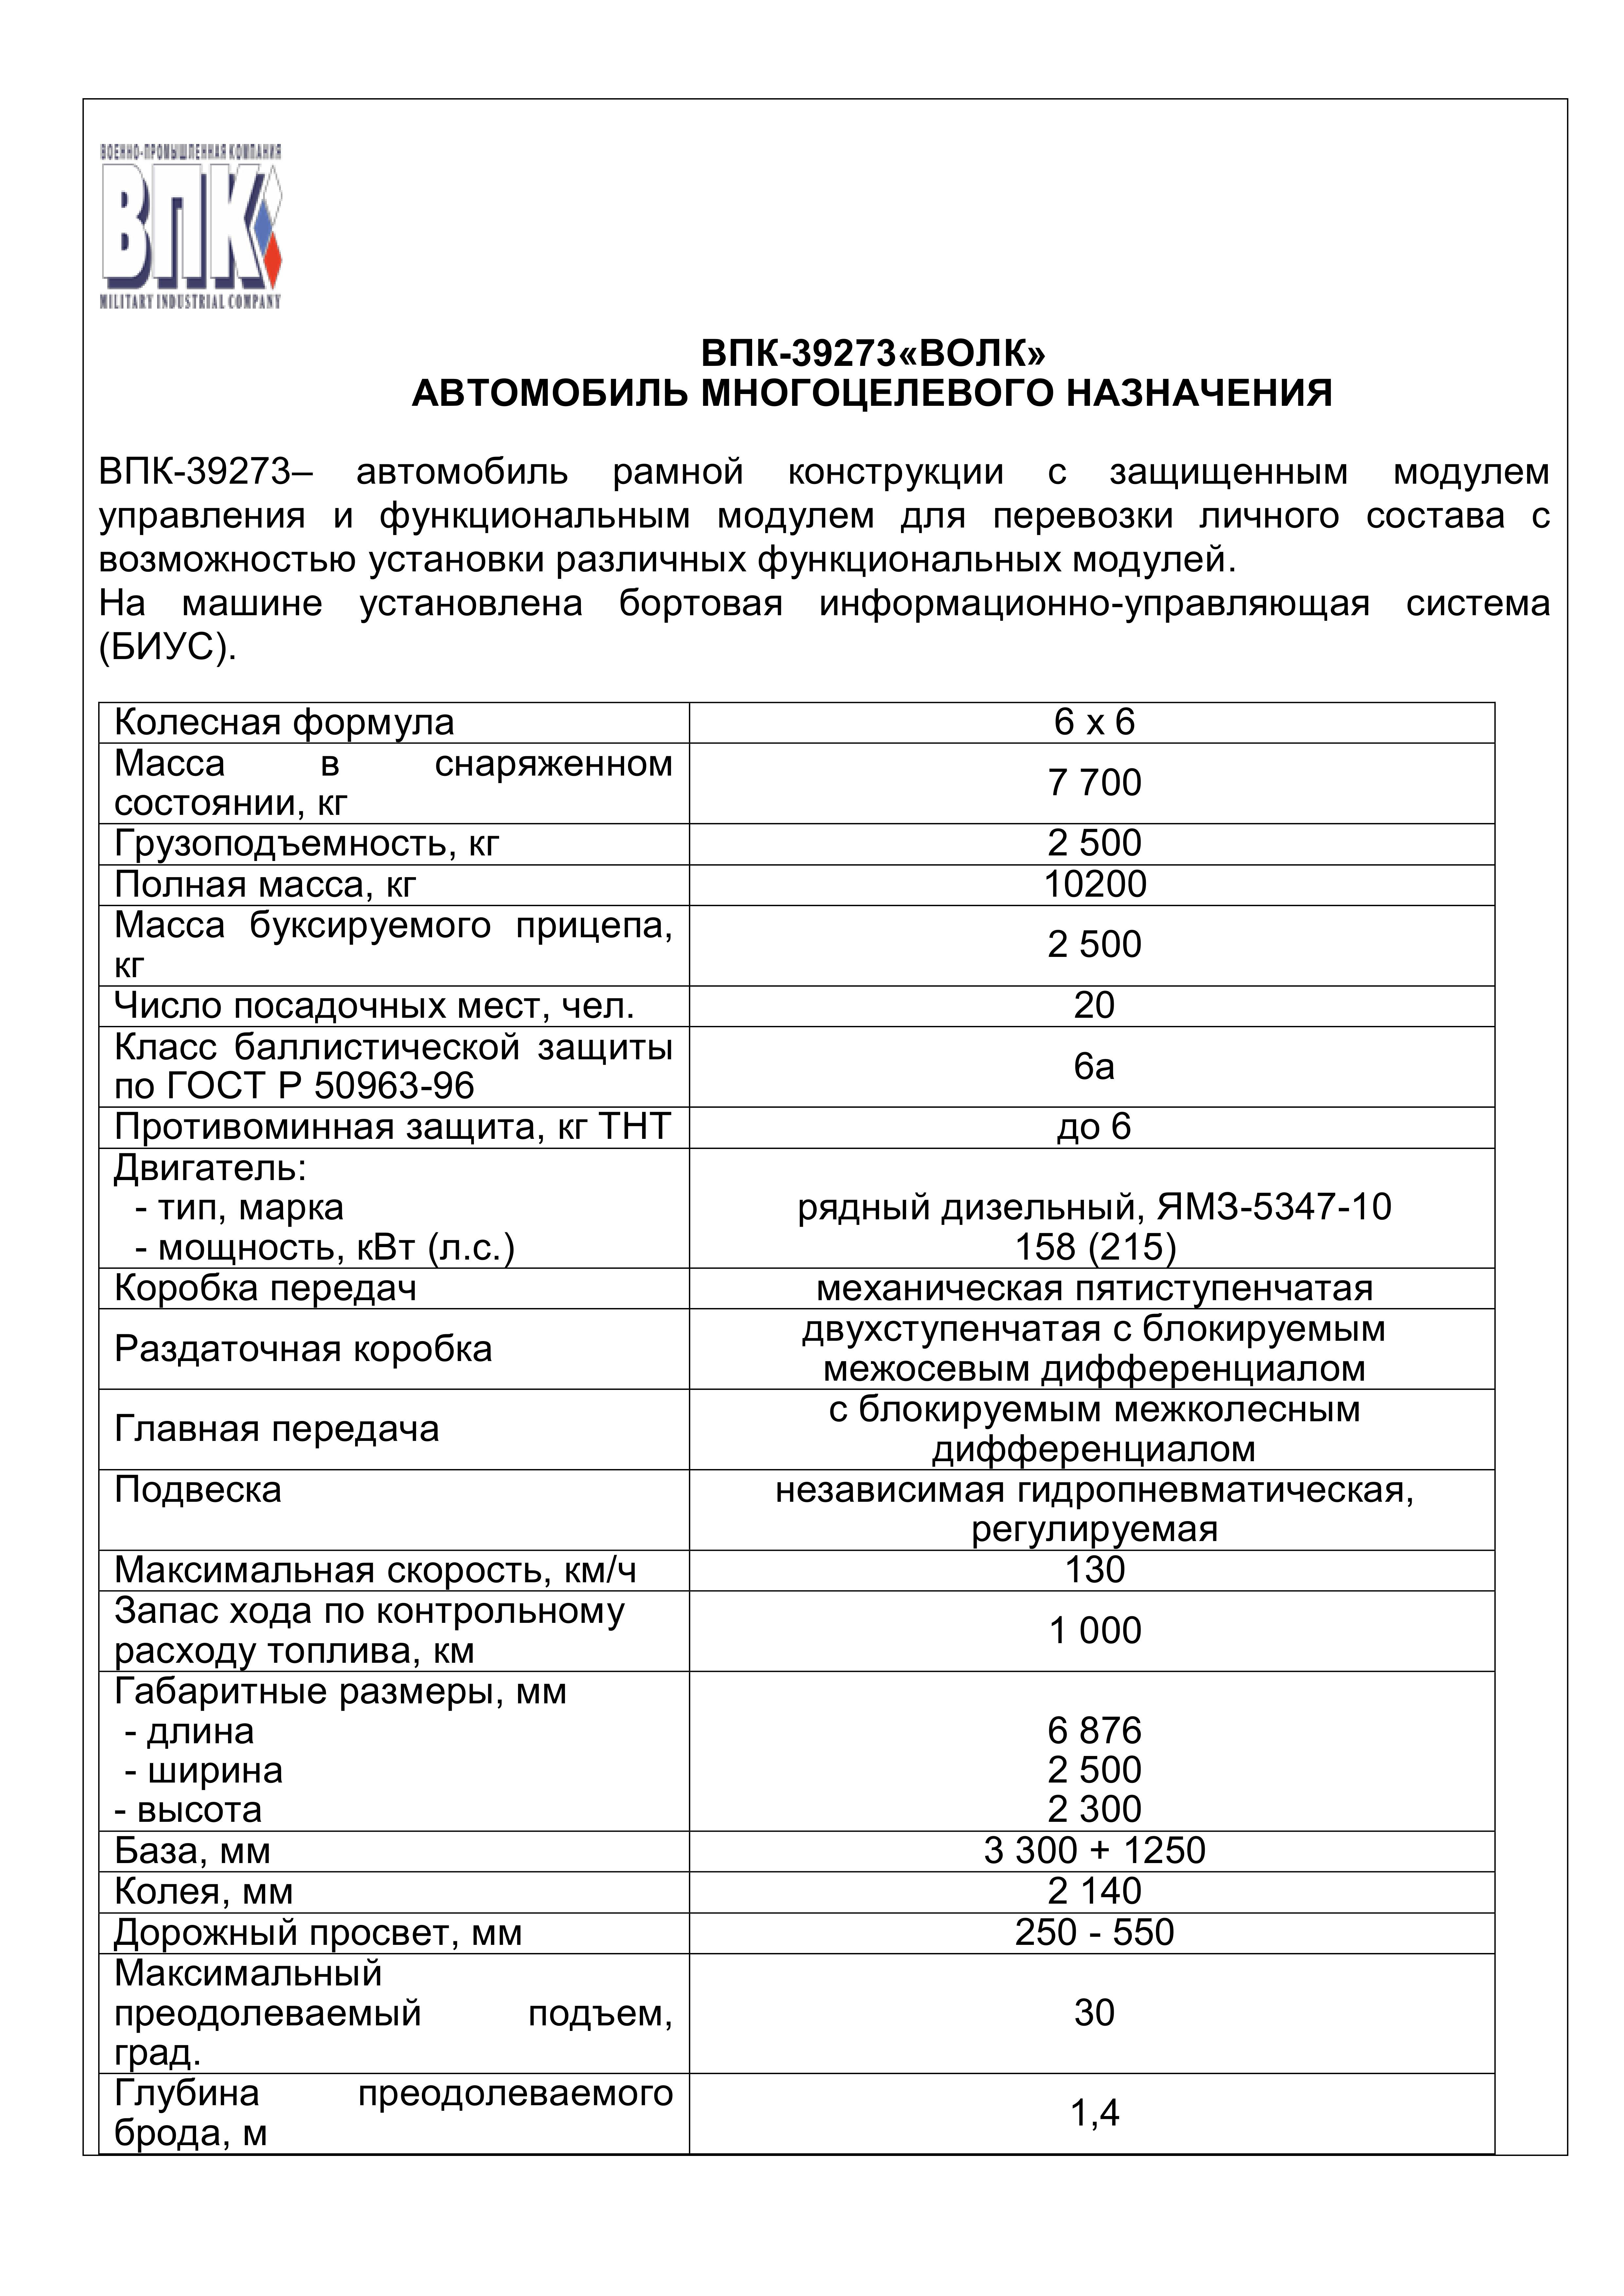 https://forumupload.ru/uploads/000a/e3/16/369/155476.jpg